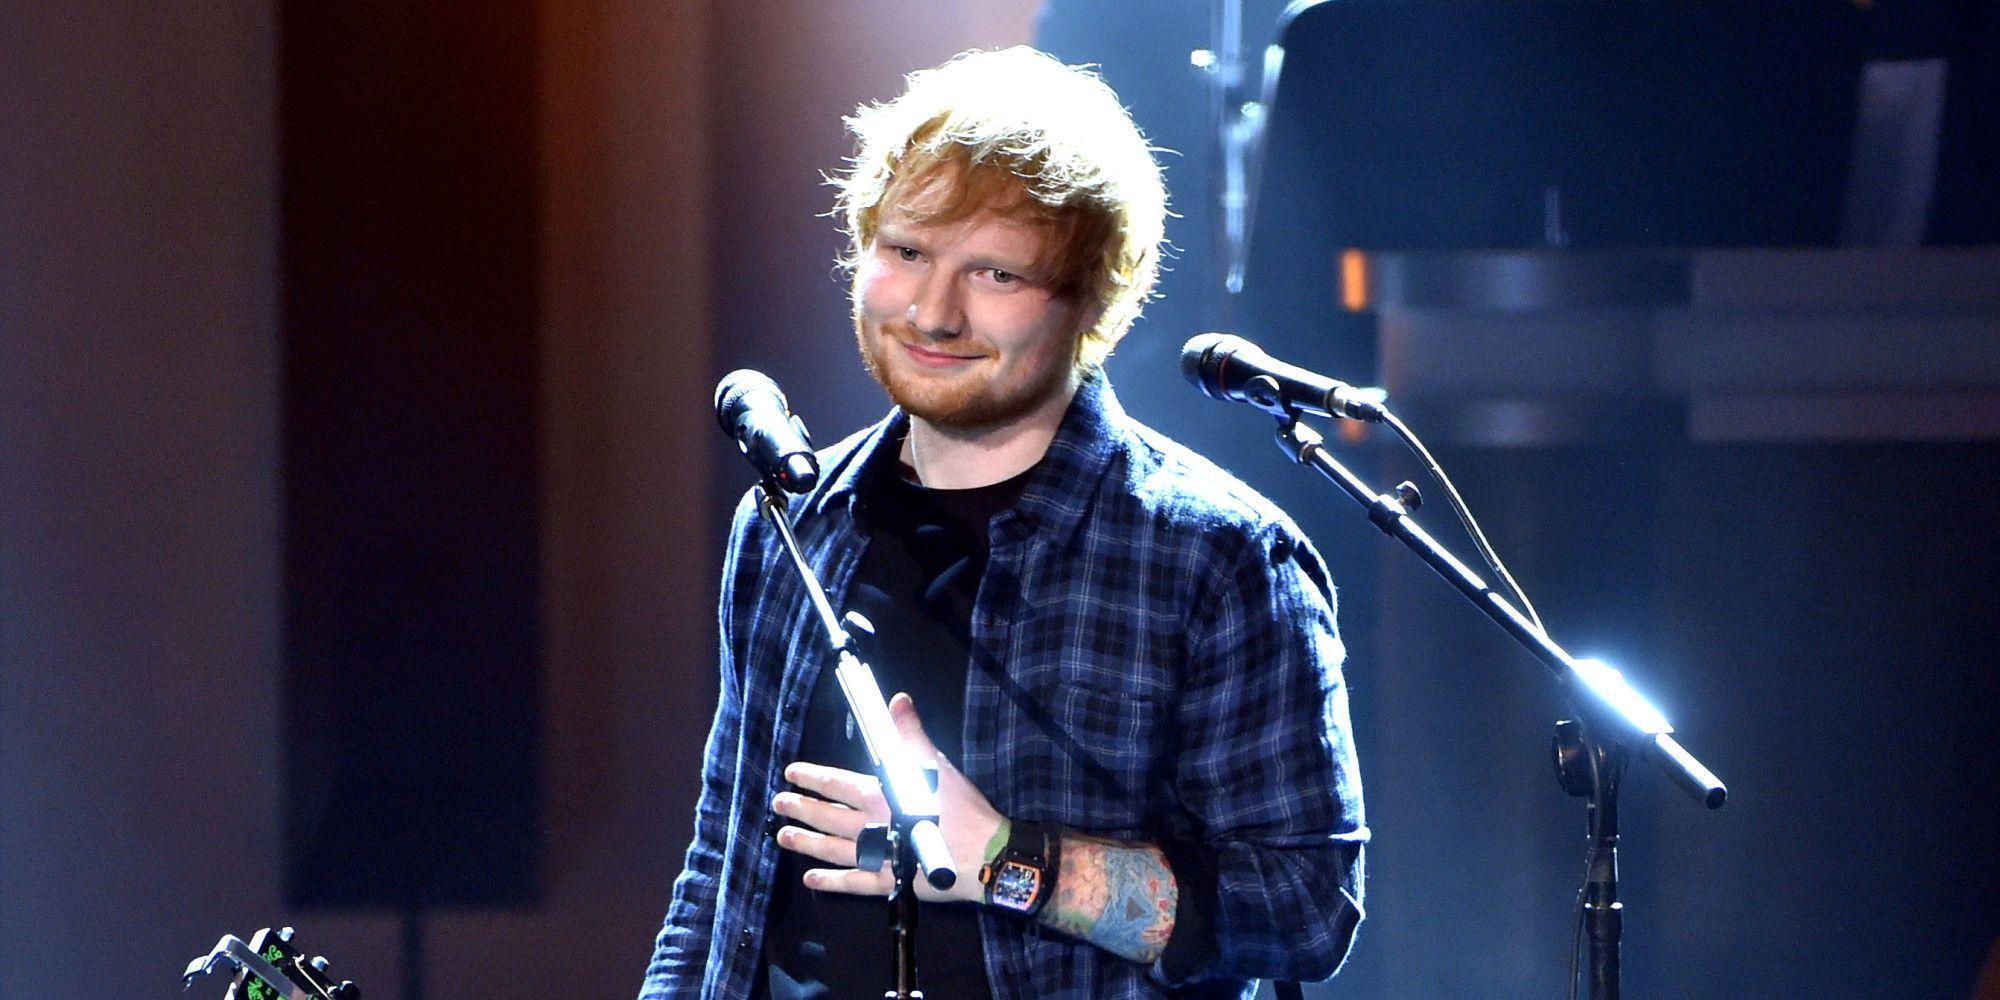 Ed Sheeran Wallpapers - Wallpaper Cave